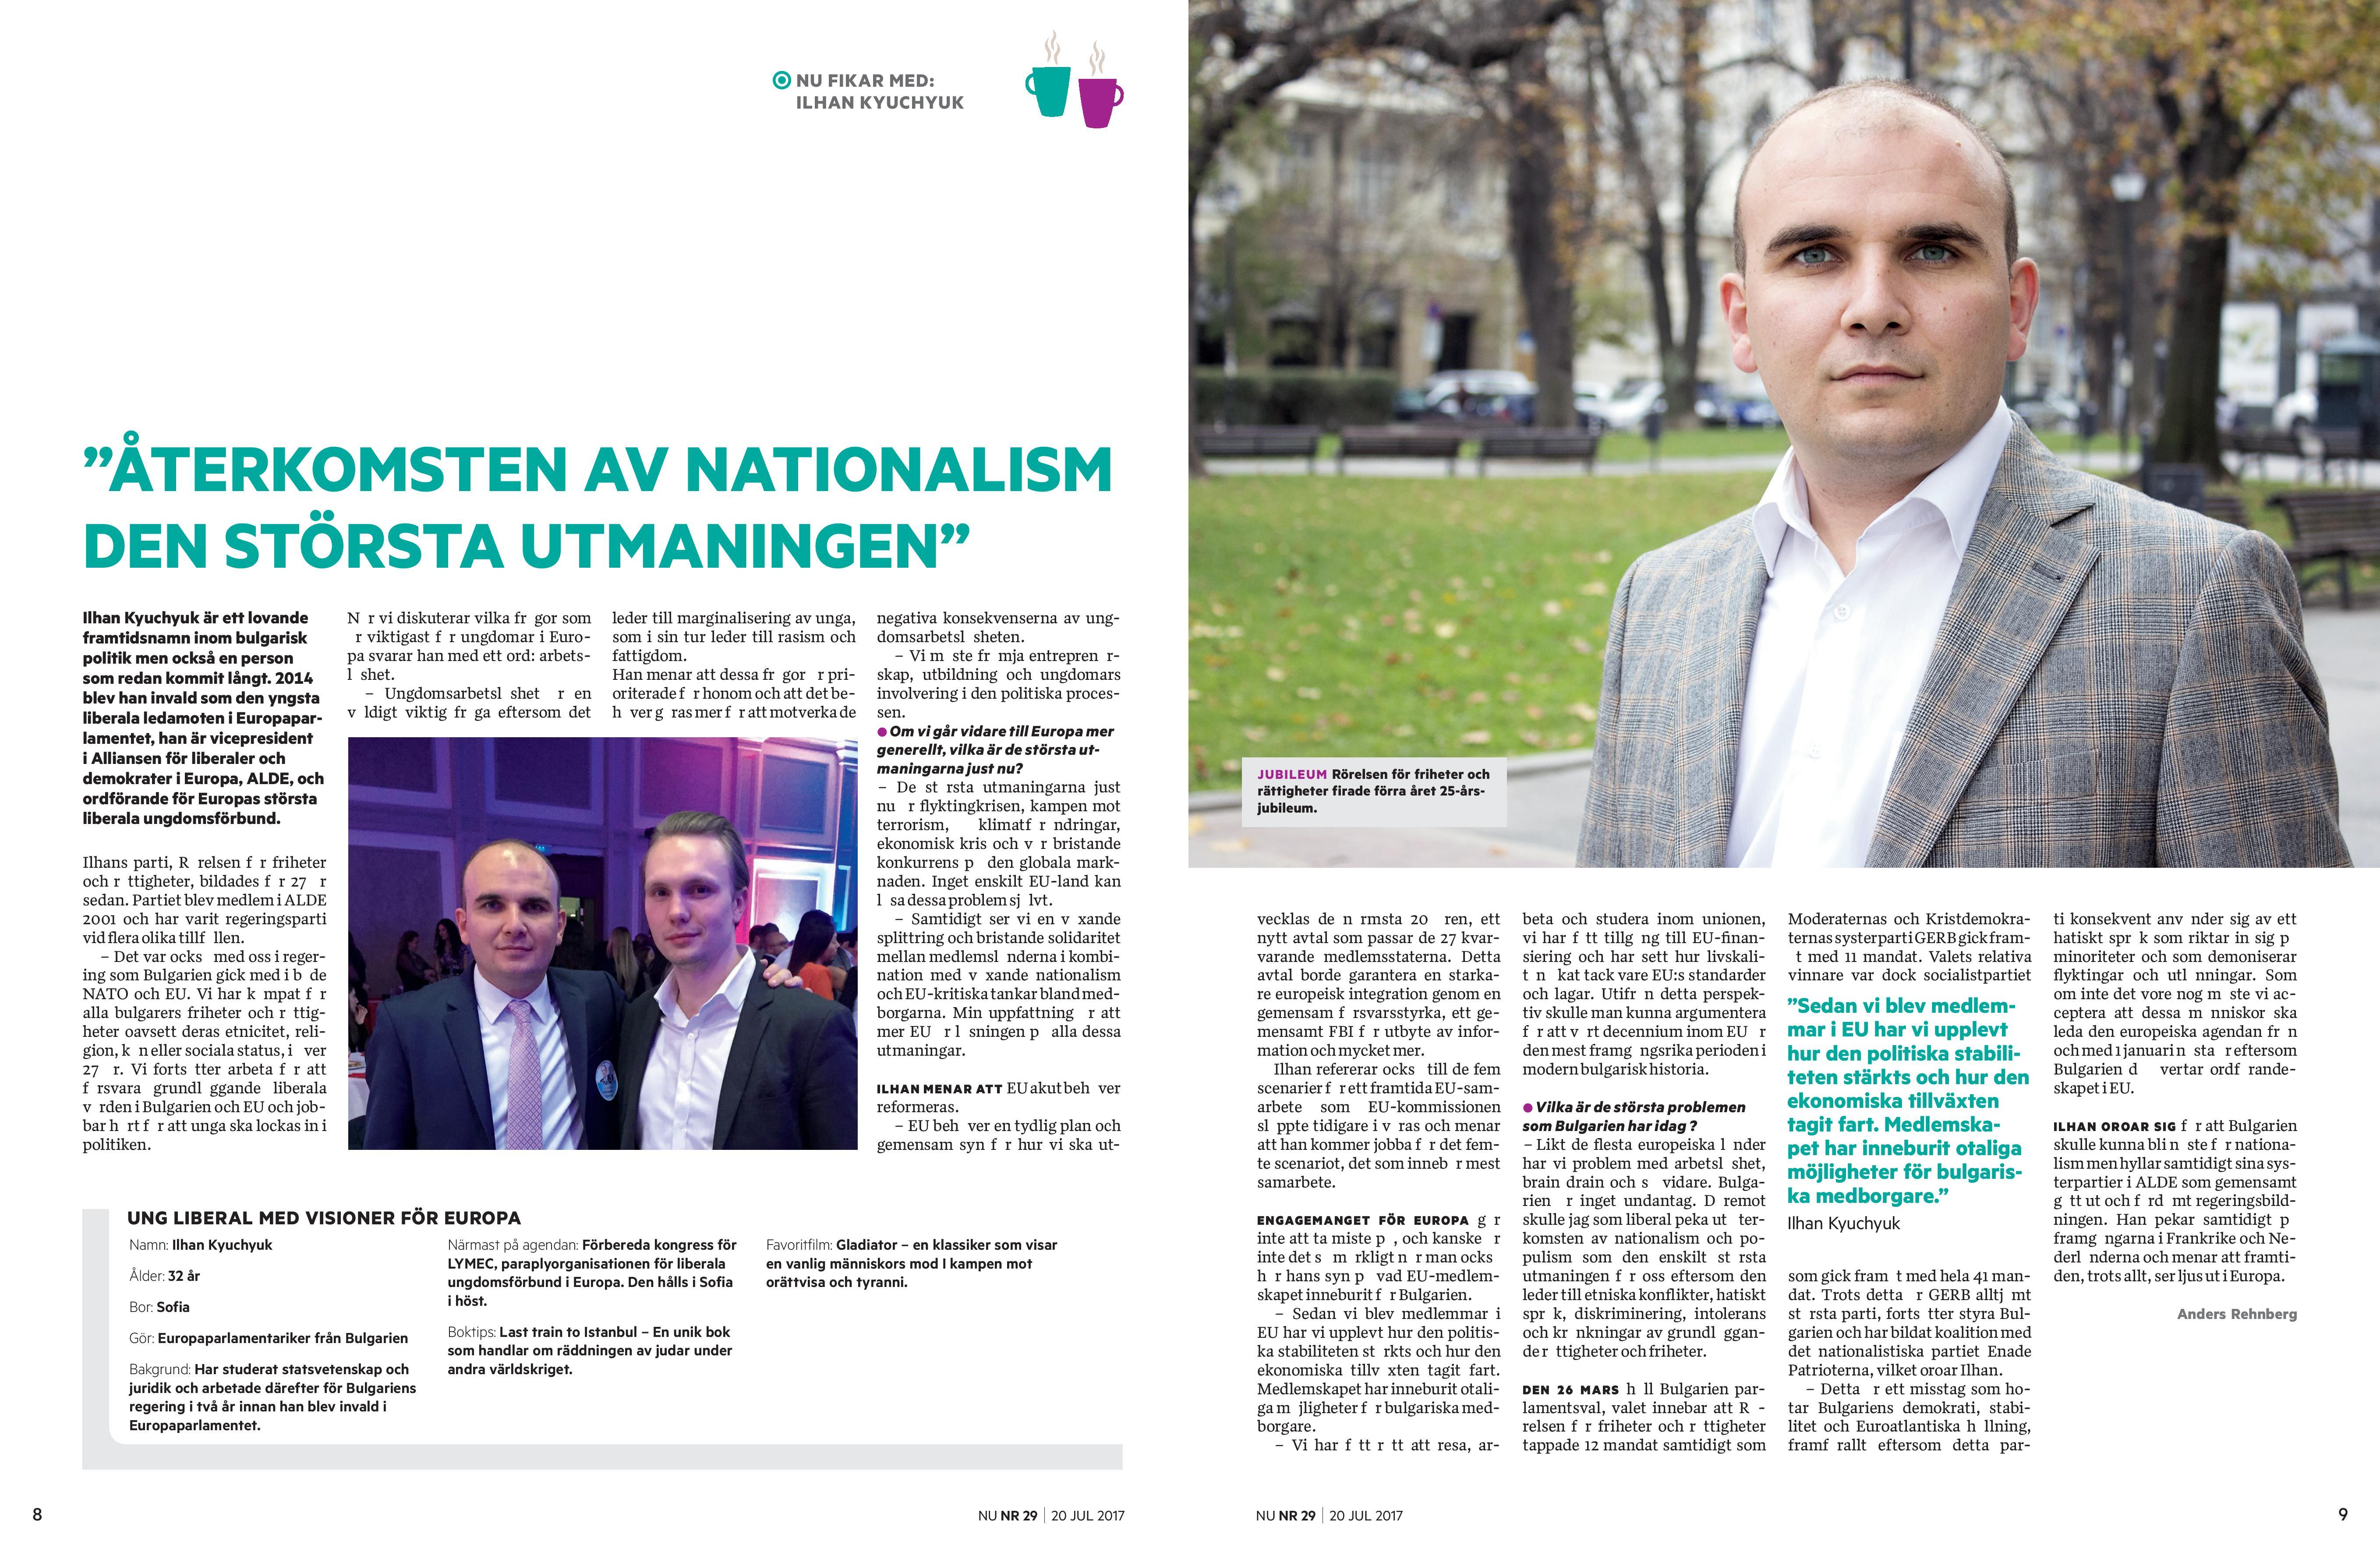 Илхан Кючюк пред шведското издание NU: Засилването на национализма и популизма е най-голямото предизвикателство пред Европа